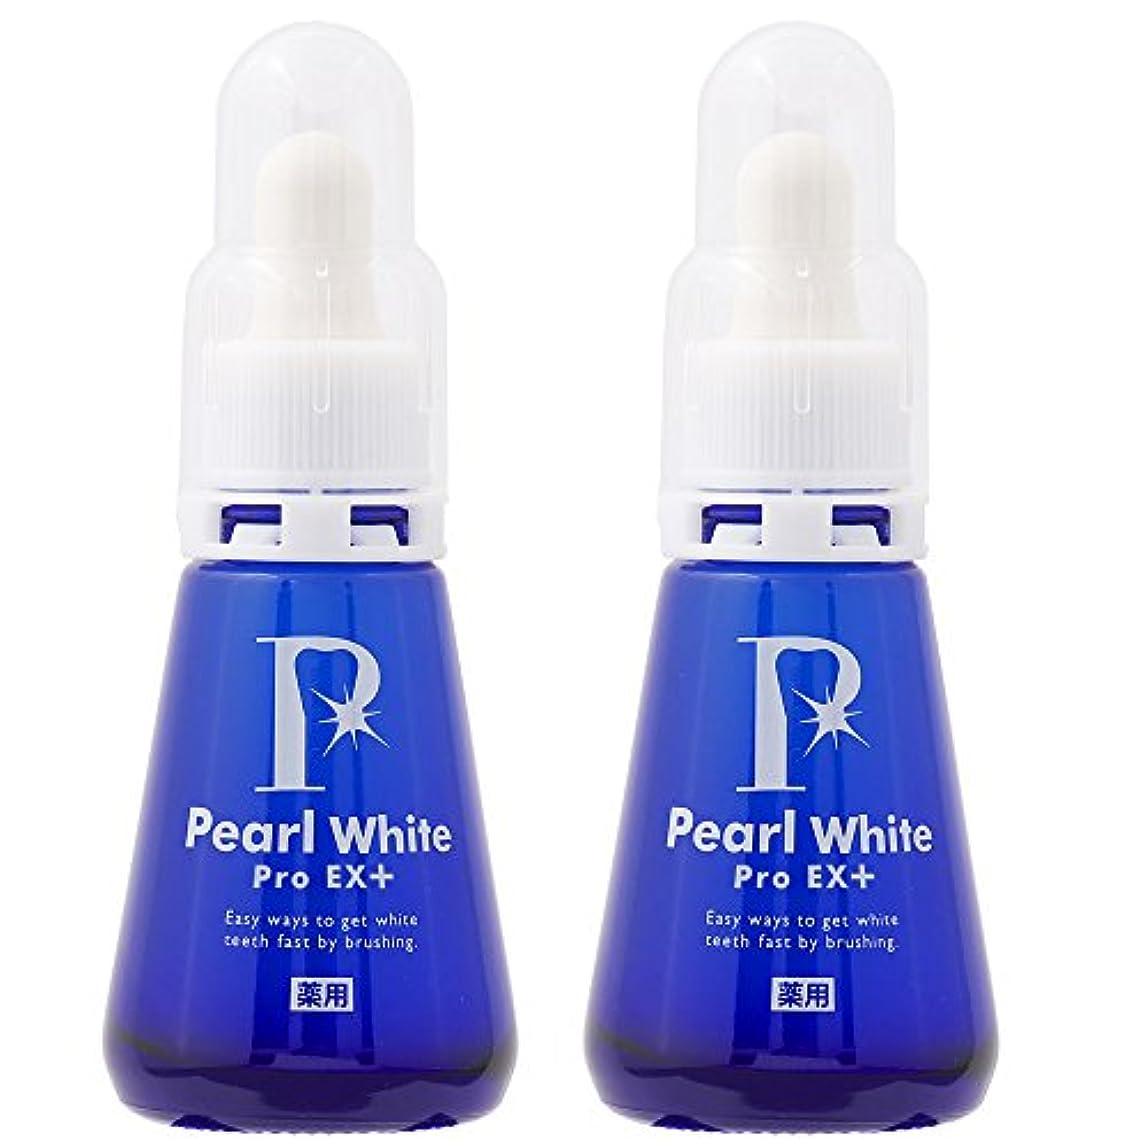 ファイターケーキ輝度新成分!薬用パール ホワイト プロ EXプラス お得な2本セット 歯のホワイトニング 自宅で簡単 白い歯 虫歯予防